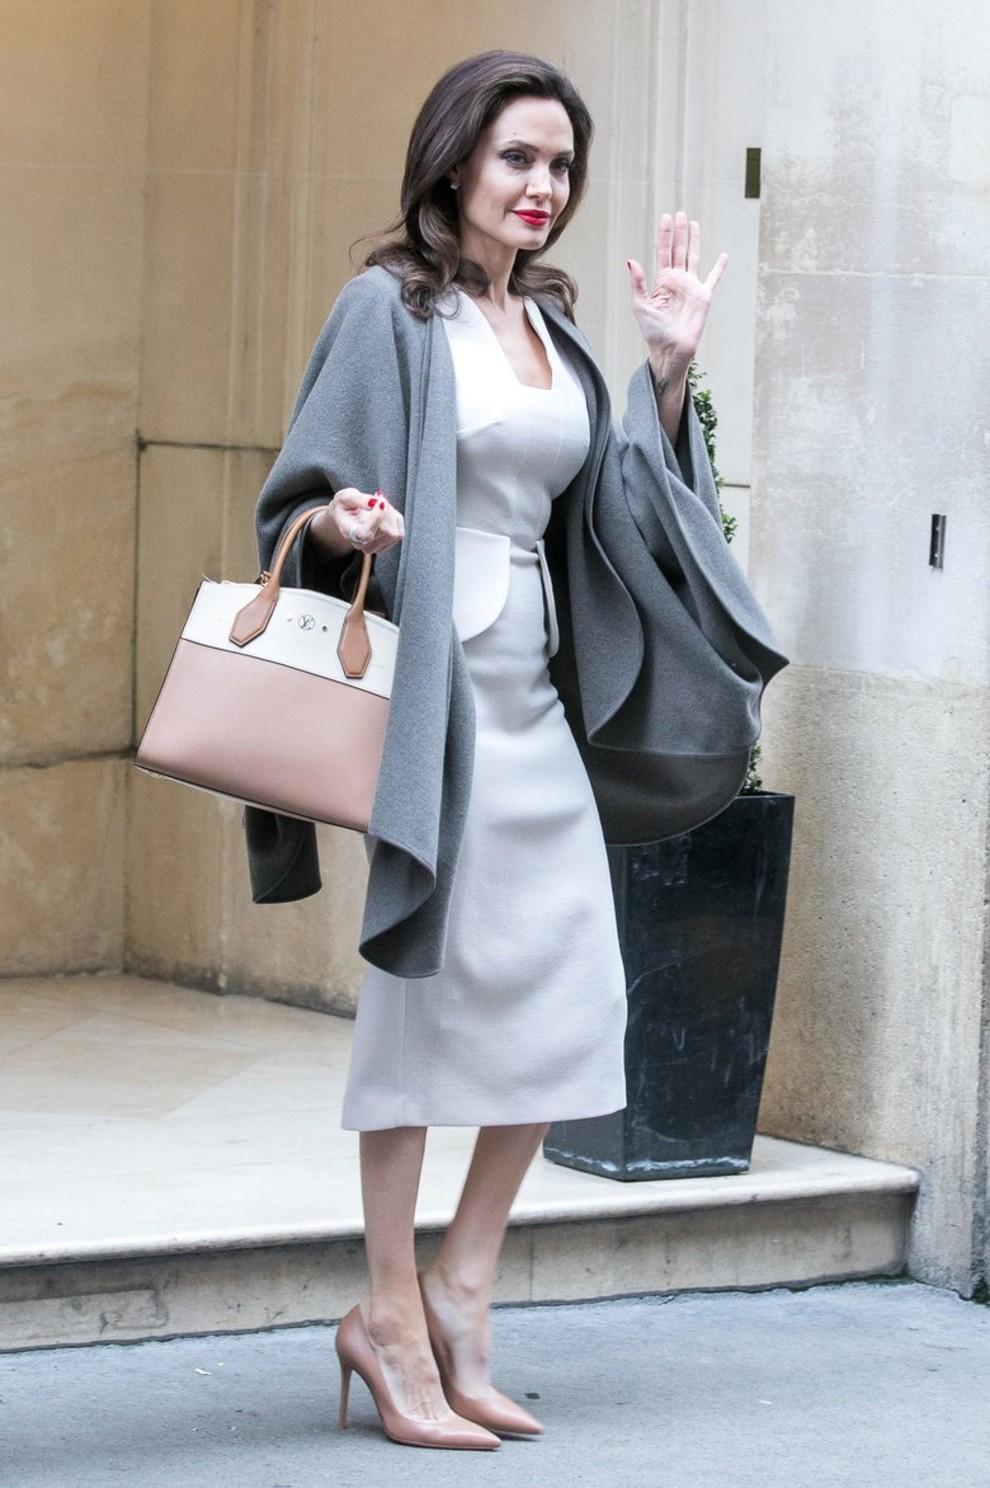 5b83d13b9c701 - Свежий взгляд на стиль Анджелины Джоли: скука, или современный пуризм